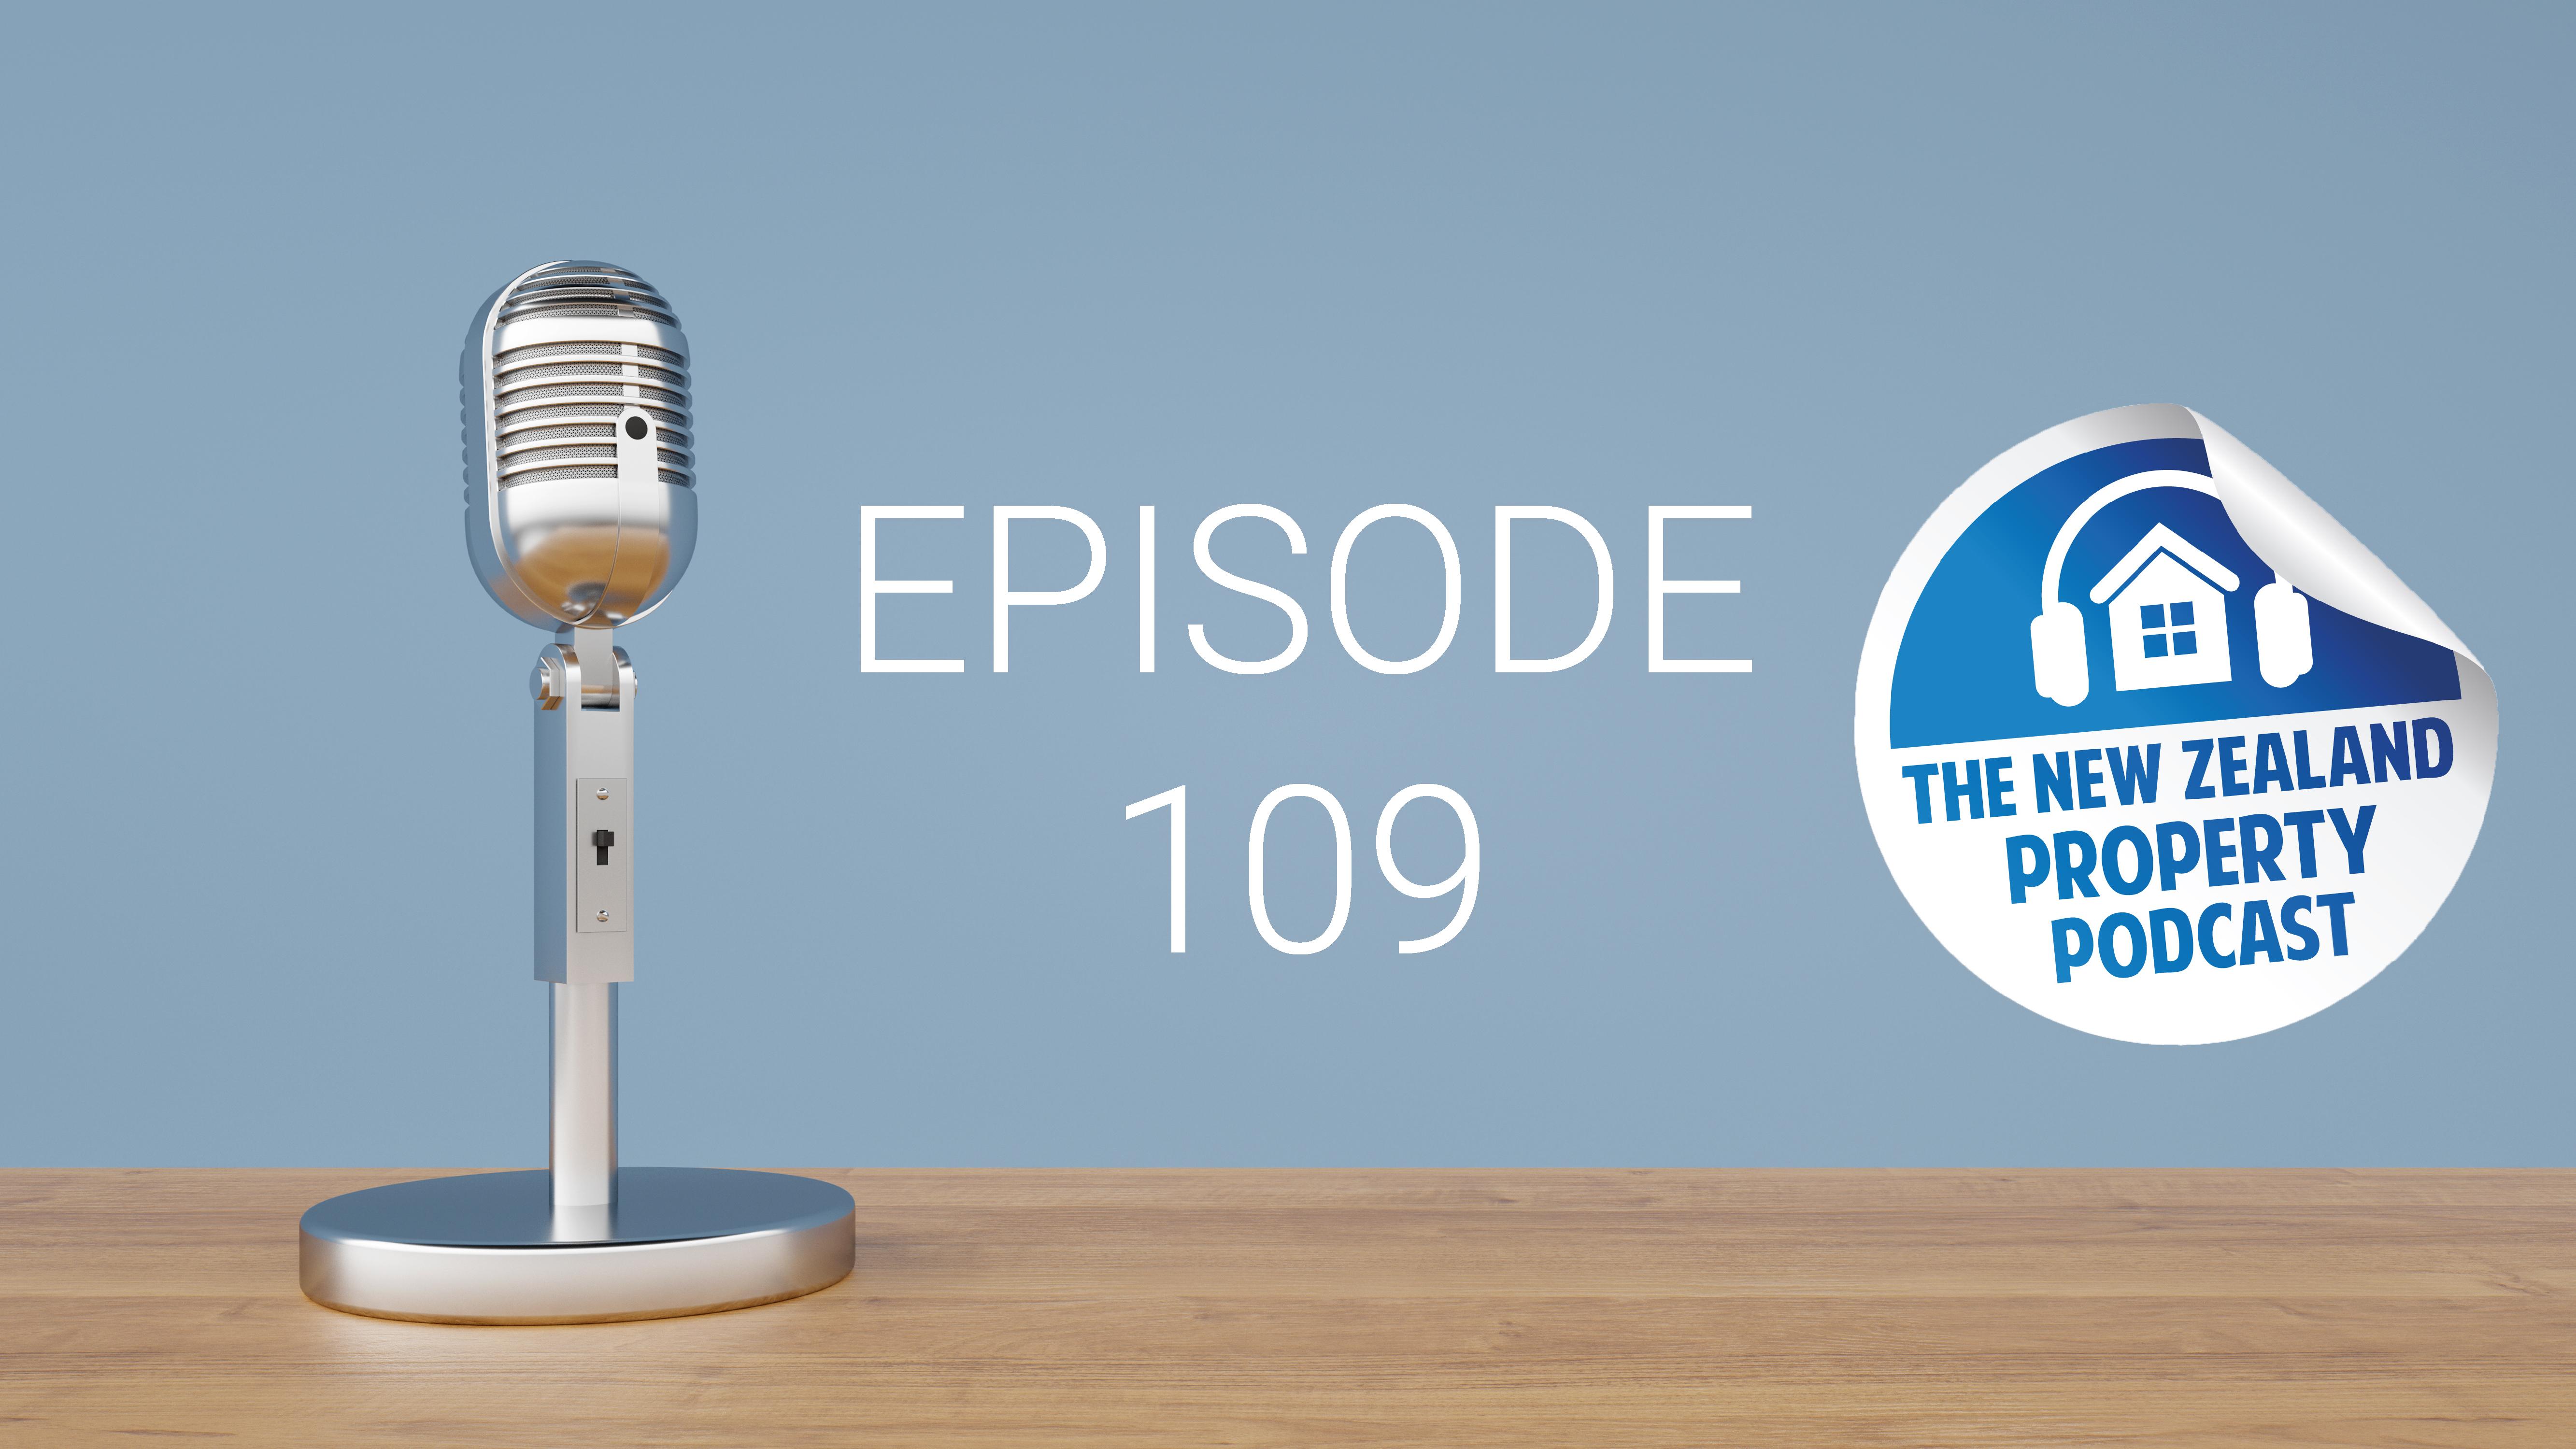 New Zealand Property Podcast Episode 109